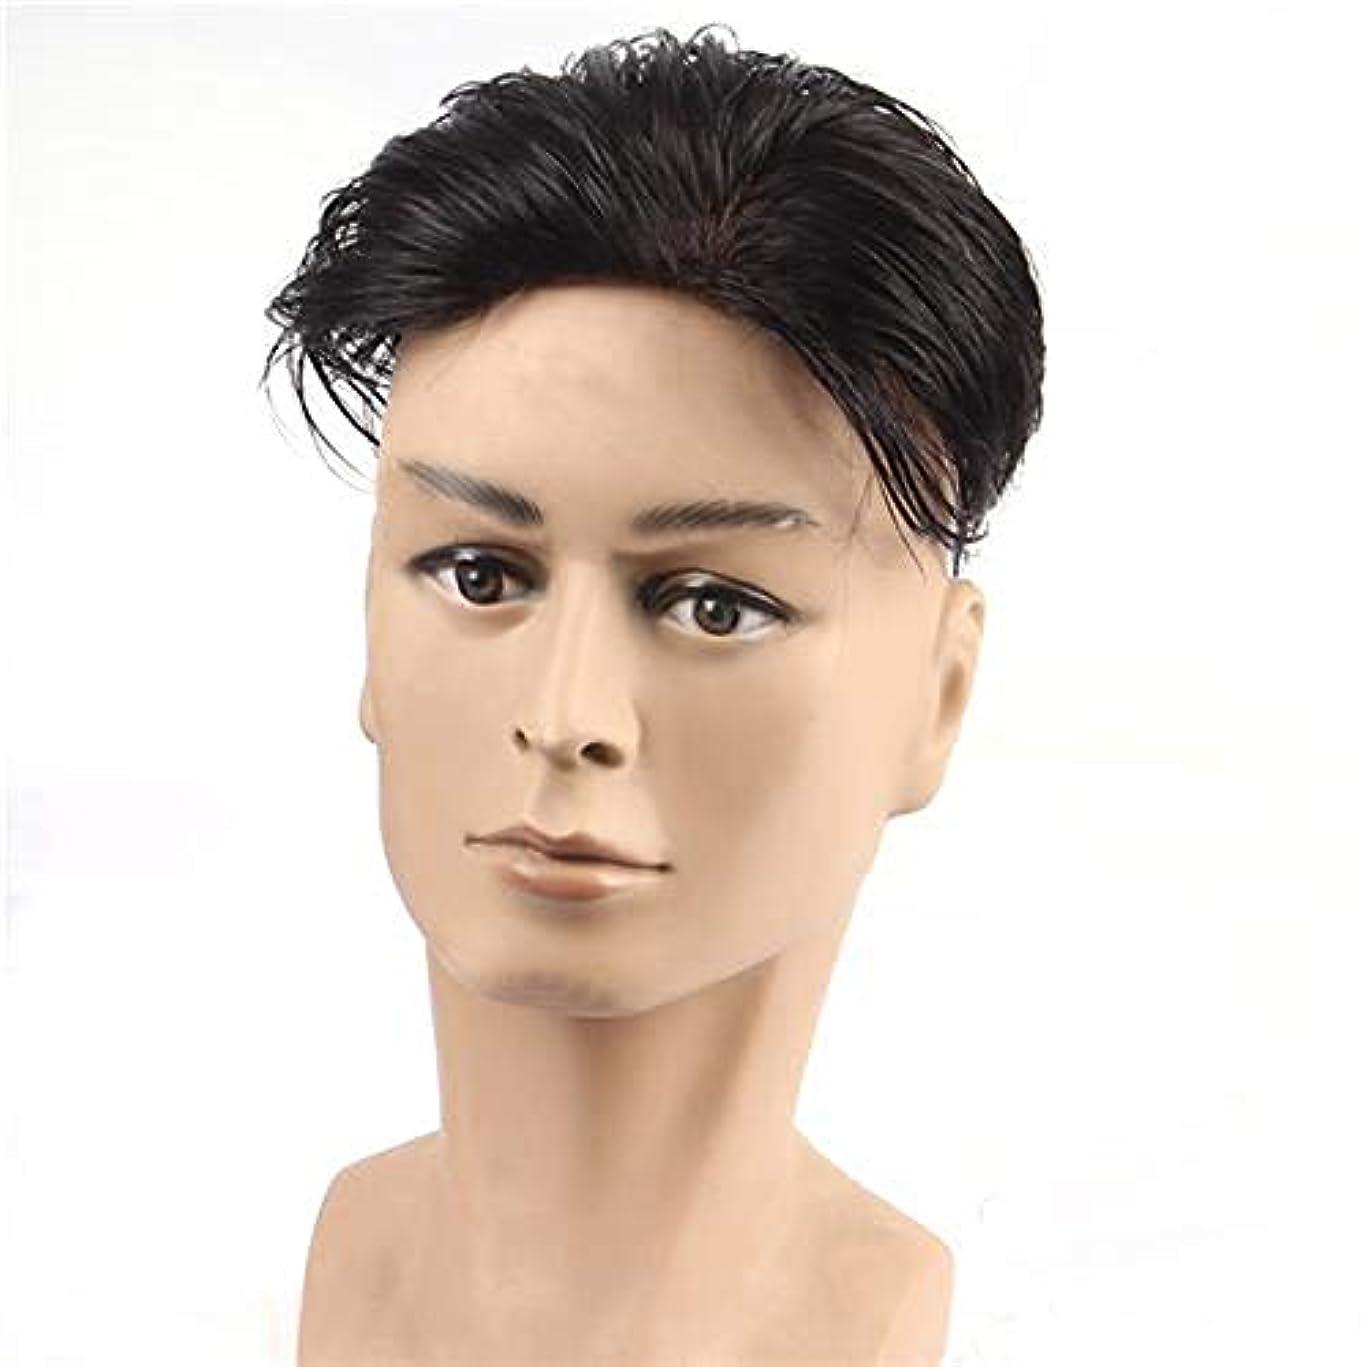 むちゃくちゃ発表シュリンクYOUQIU 黒人男性ガイショートレイヤーカーリー波状のアニメのコスプレパーティーの髪カツラウィッグ (色 : Natural black, サイズ : 18x20)